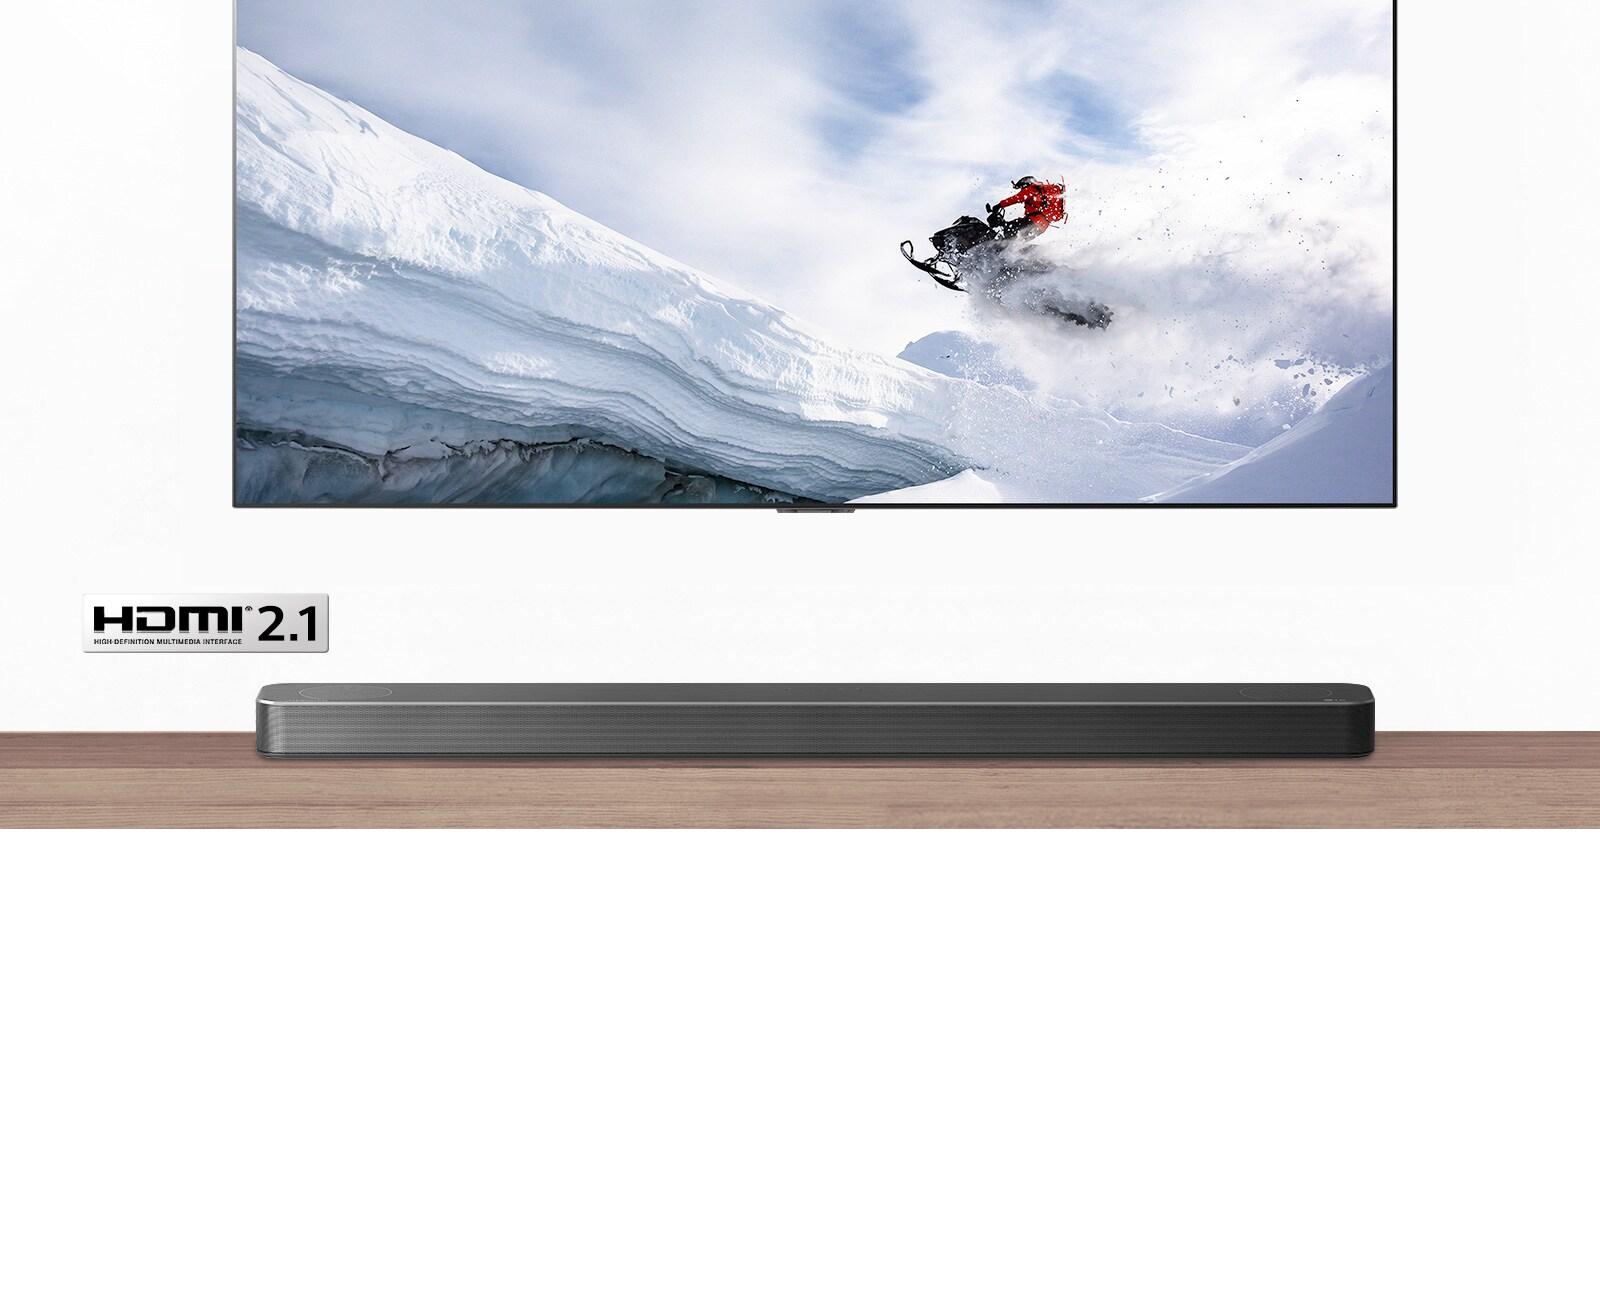 TV và Loa thanh nhìn từ phía trước. TV chiếu một người đang đi xe trượt tuyết trên vùng núi tuyết. Logo HDMI 2.1 bên dưới TV.